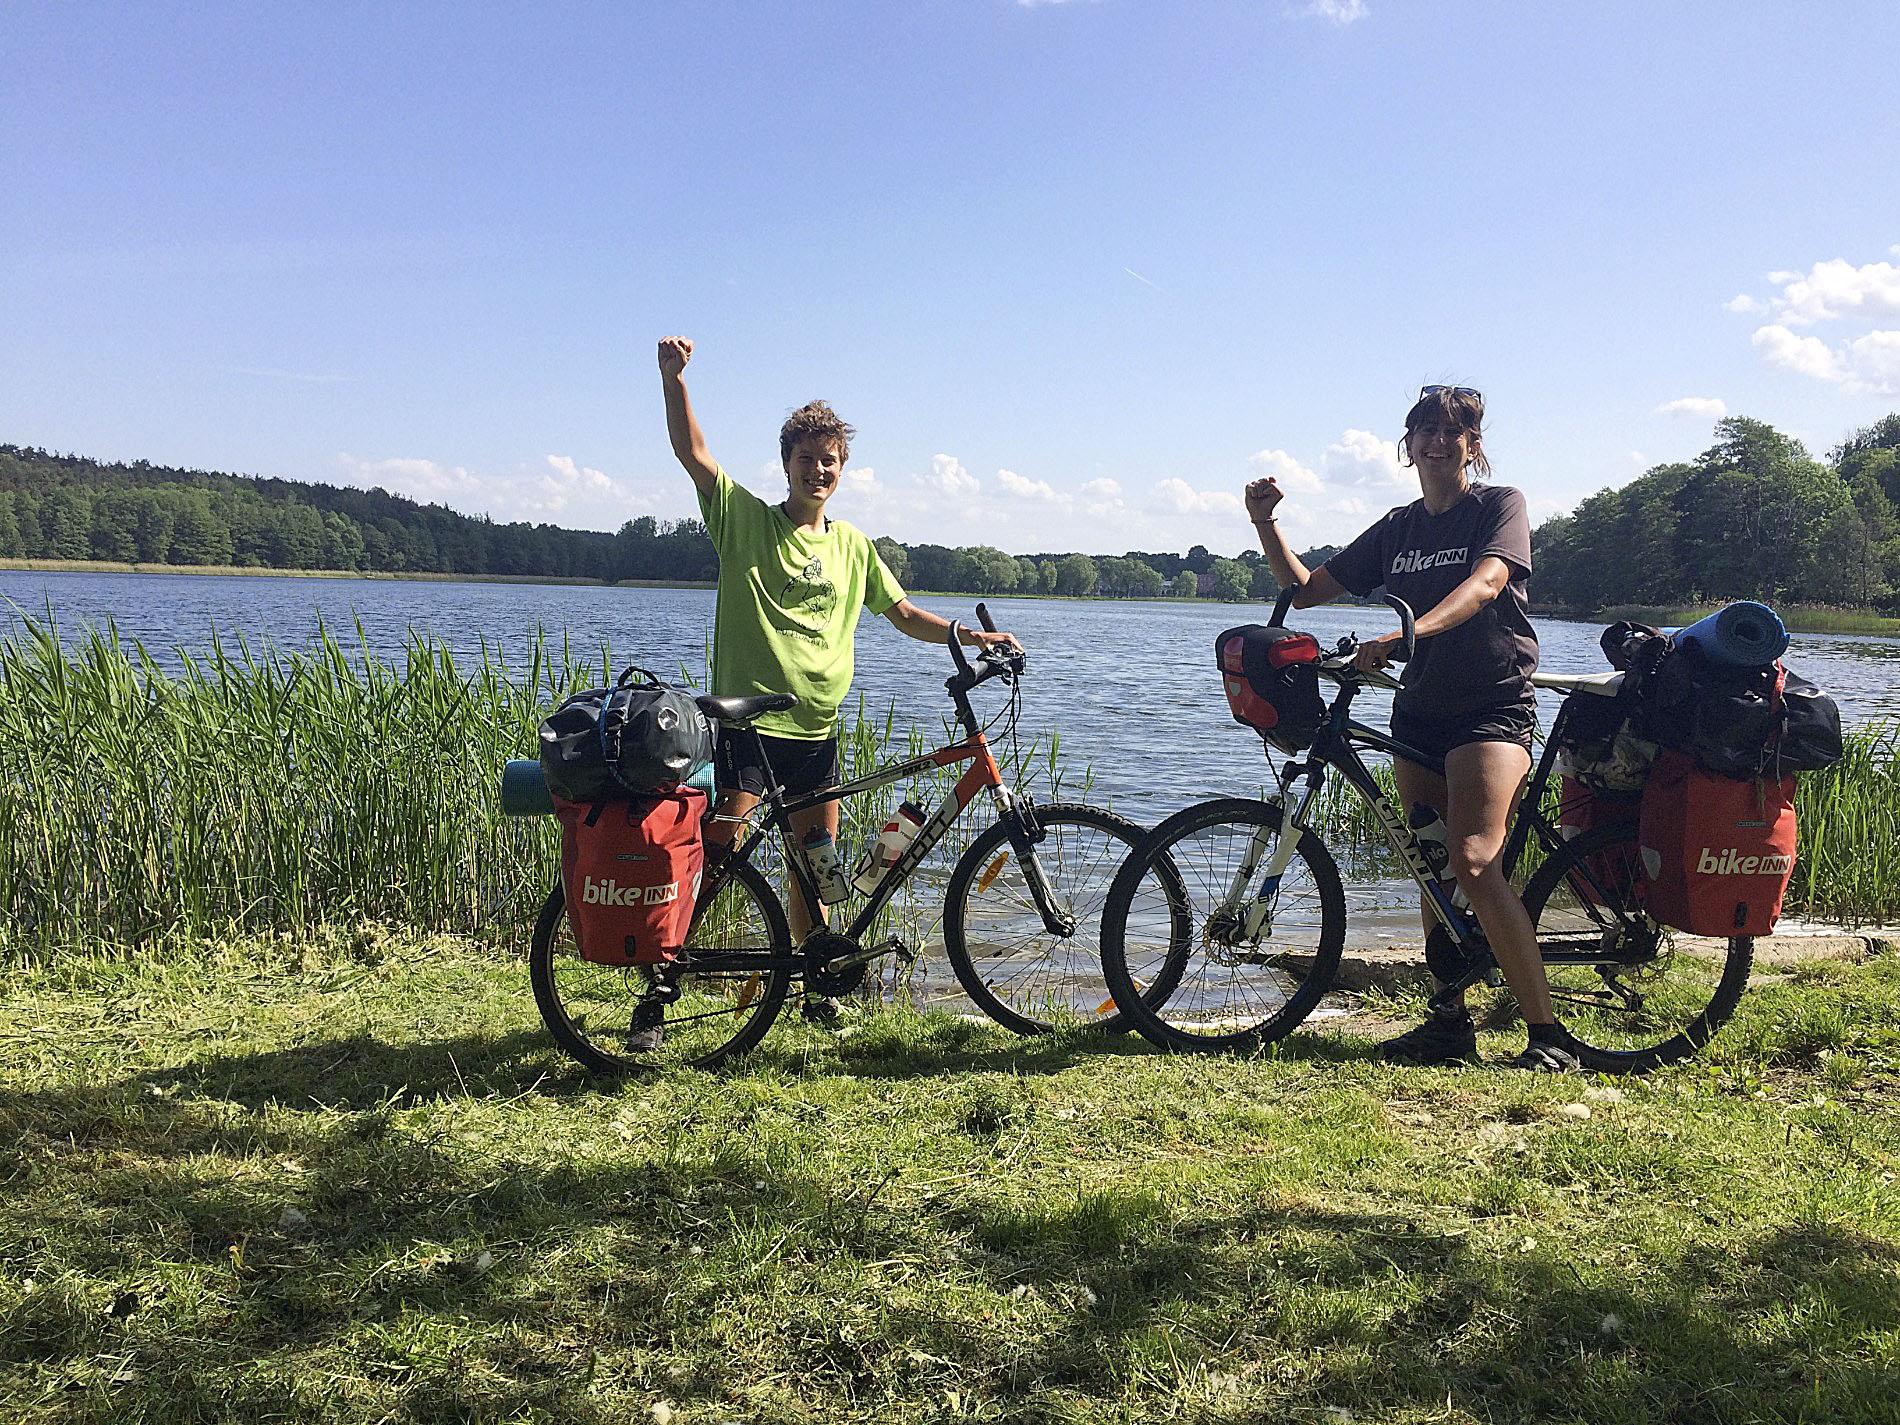 D'esquerra a Dreta, Paula Codony i Míriam Comas durant el viatge, en un llac d'Eslovènia